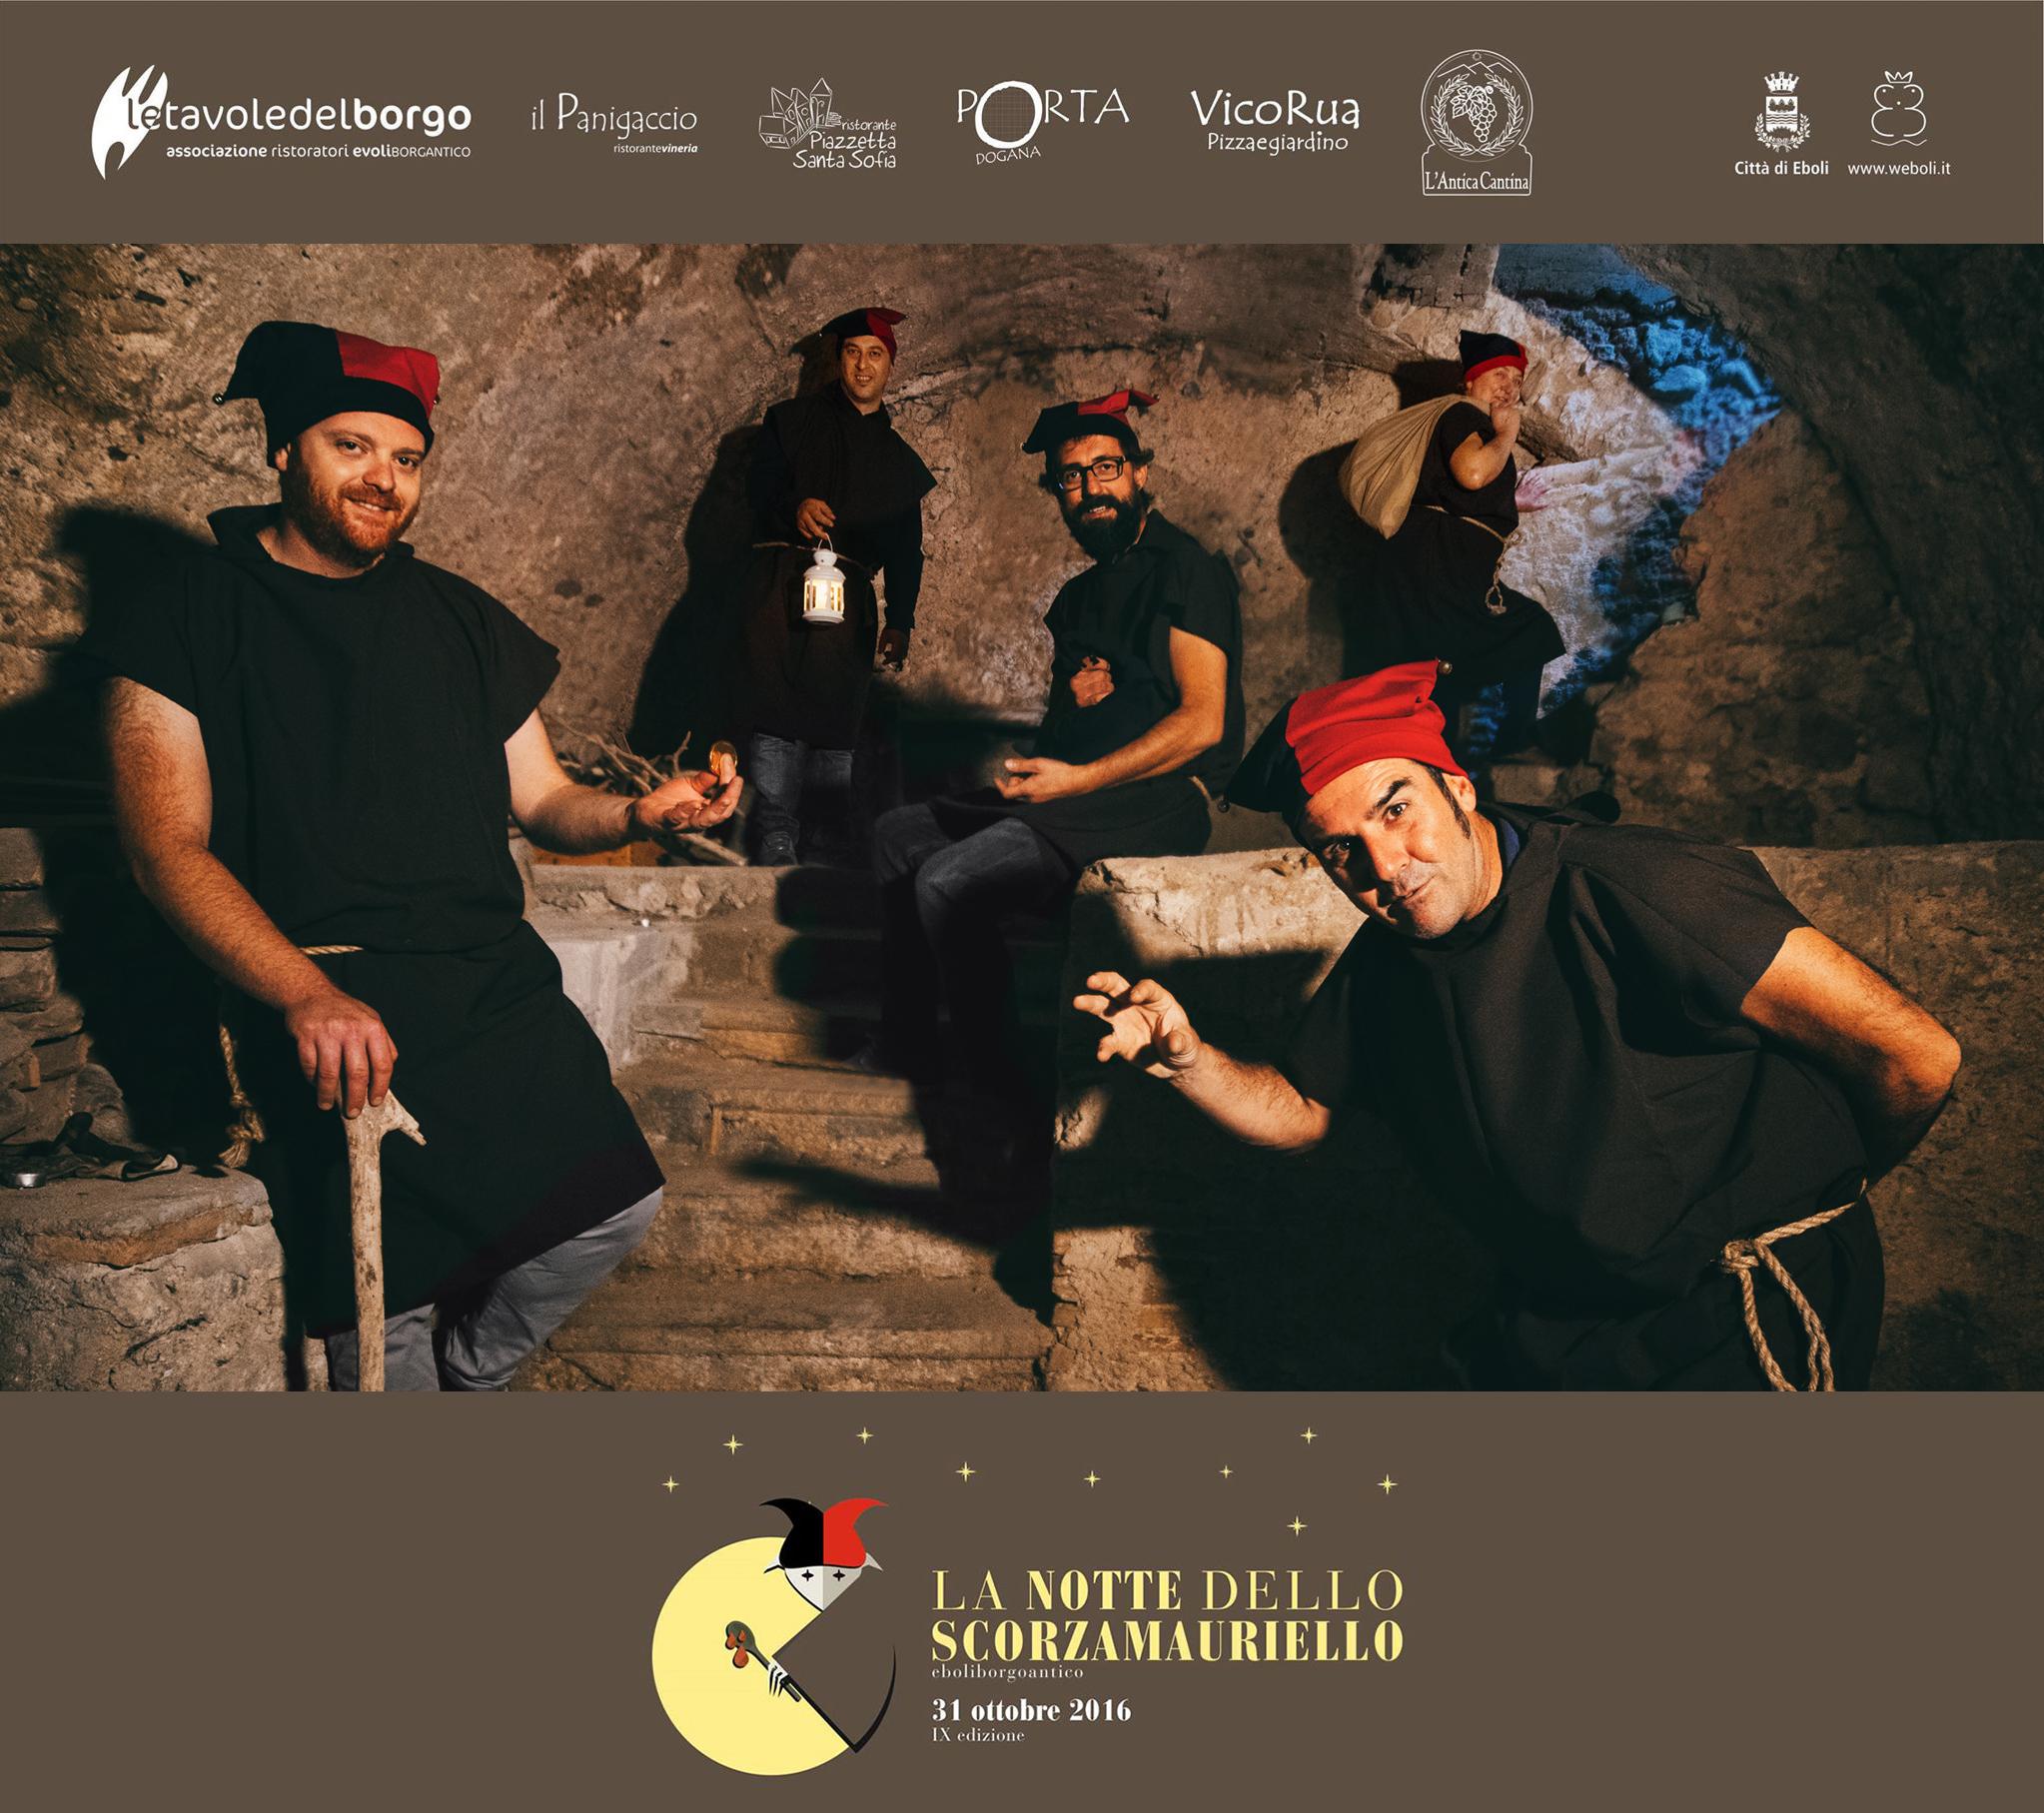 scorzamauriello-IX-edizione-le-tavole-del-borgo